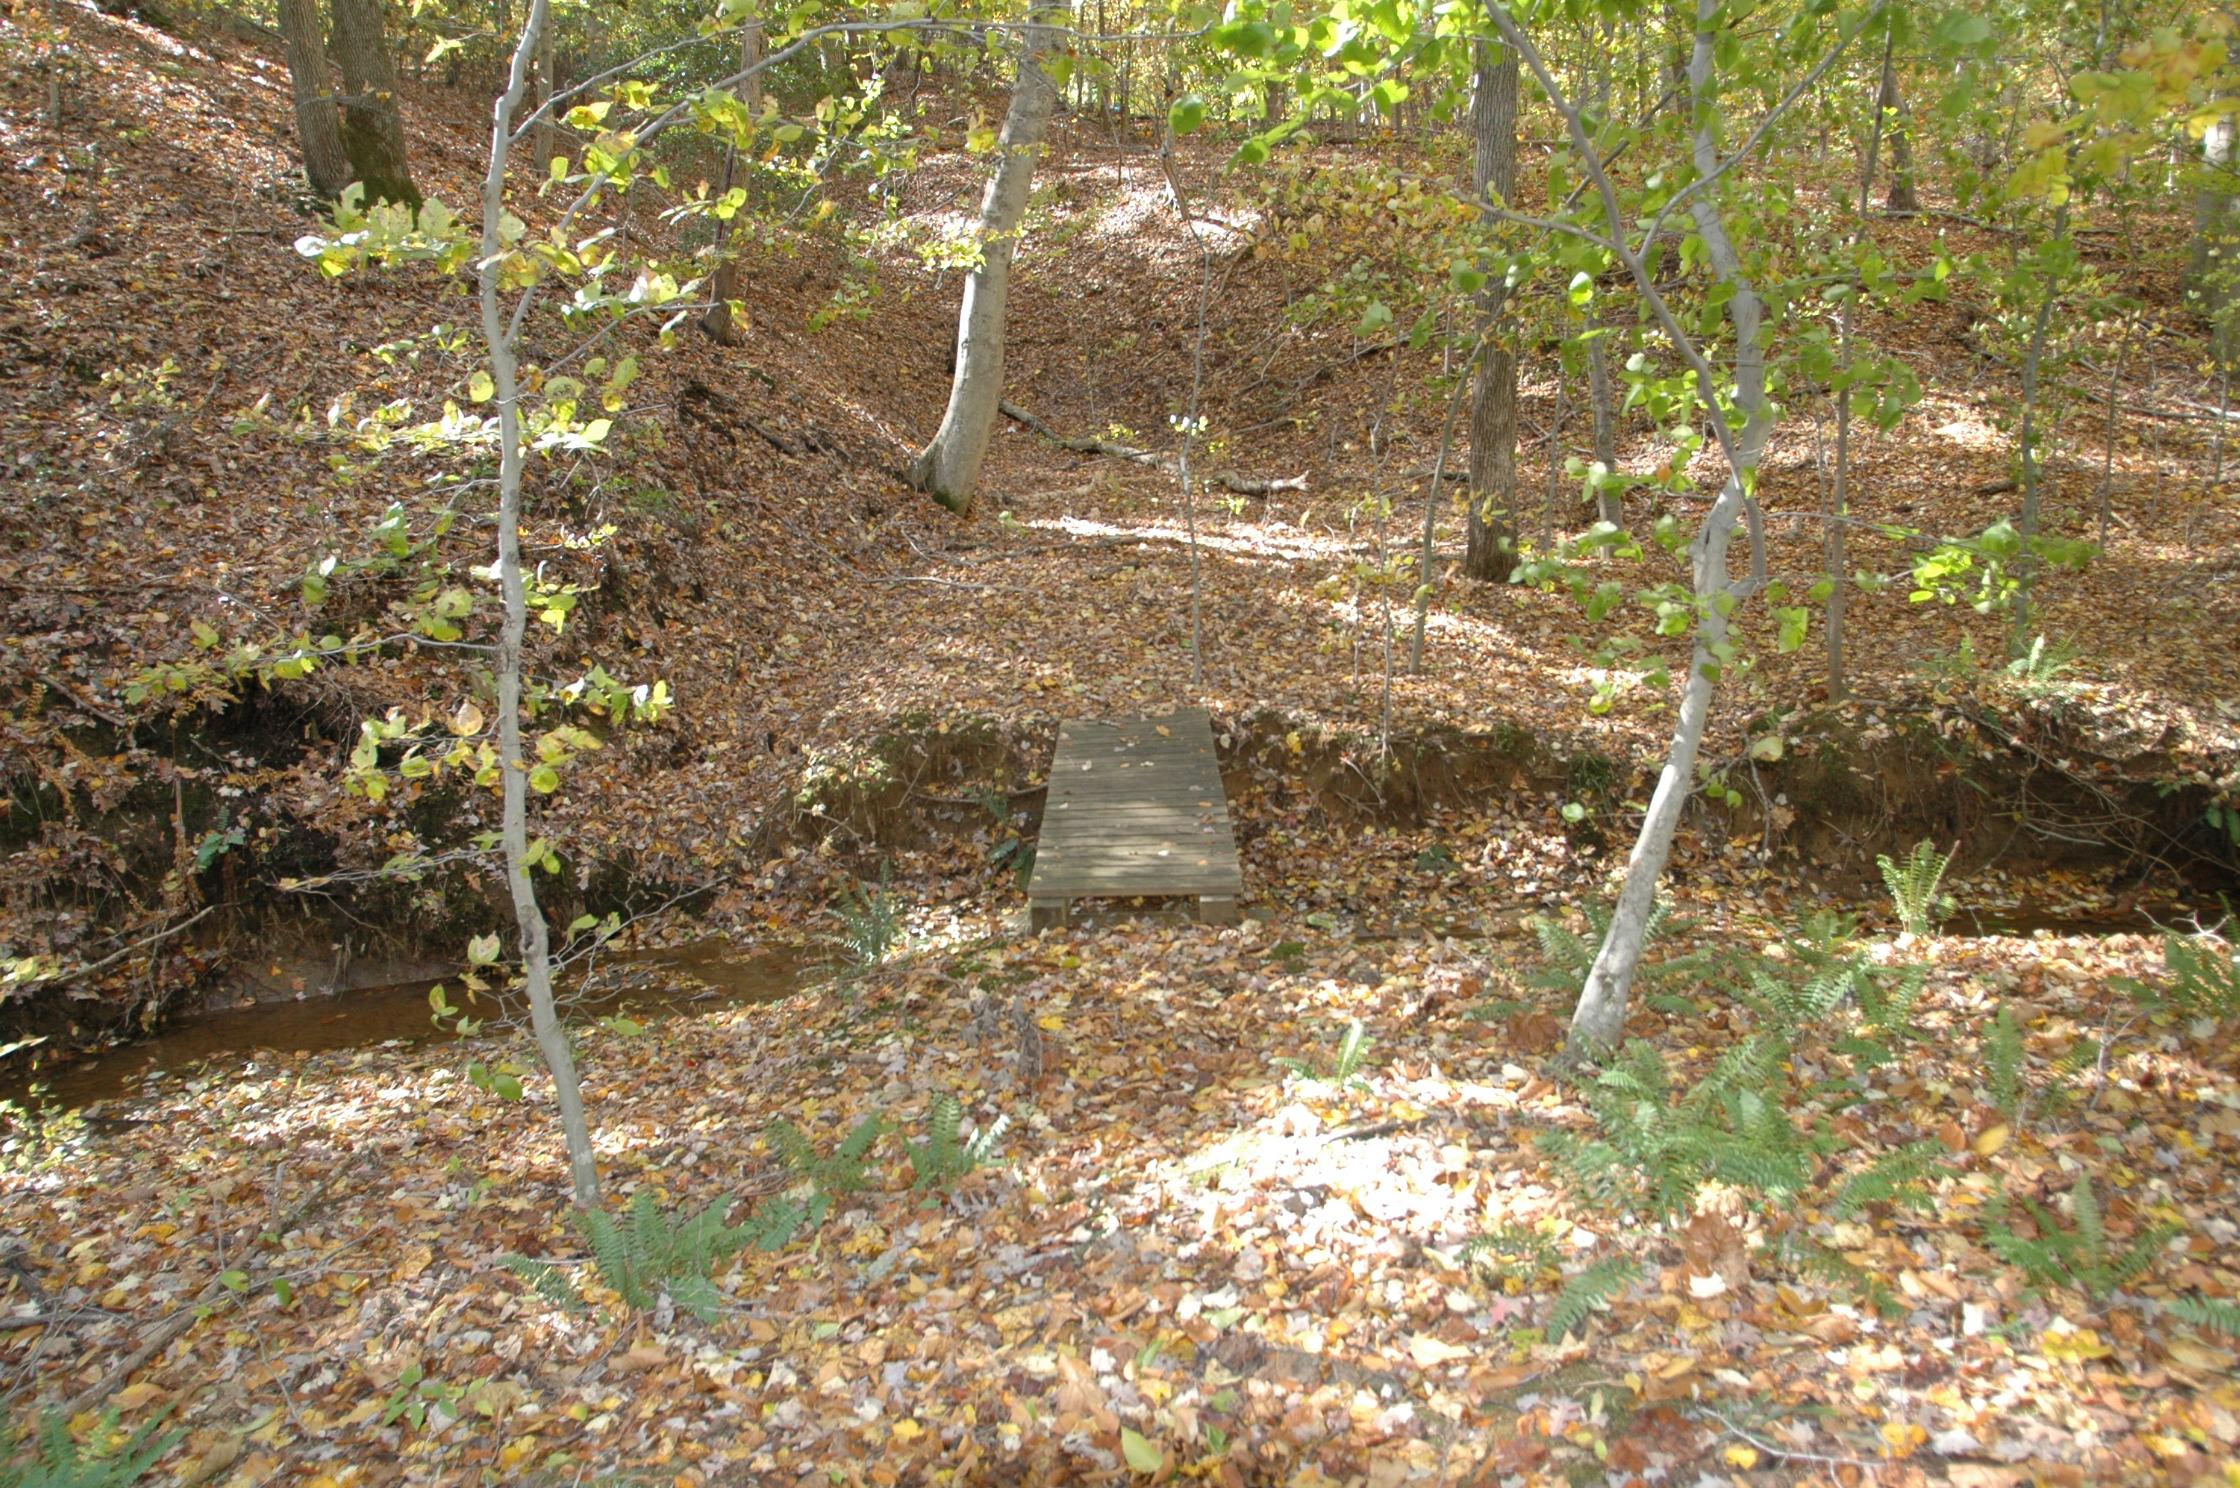 Pine Tree hiking trail footbridge.